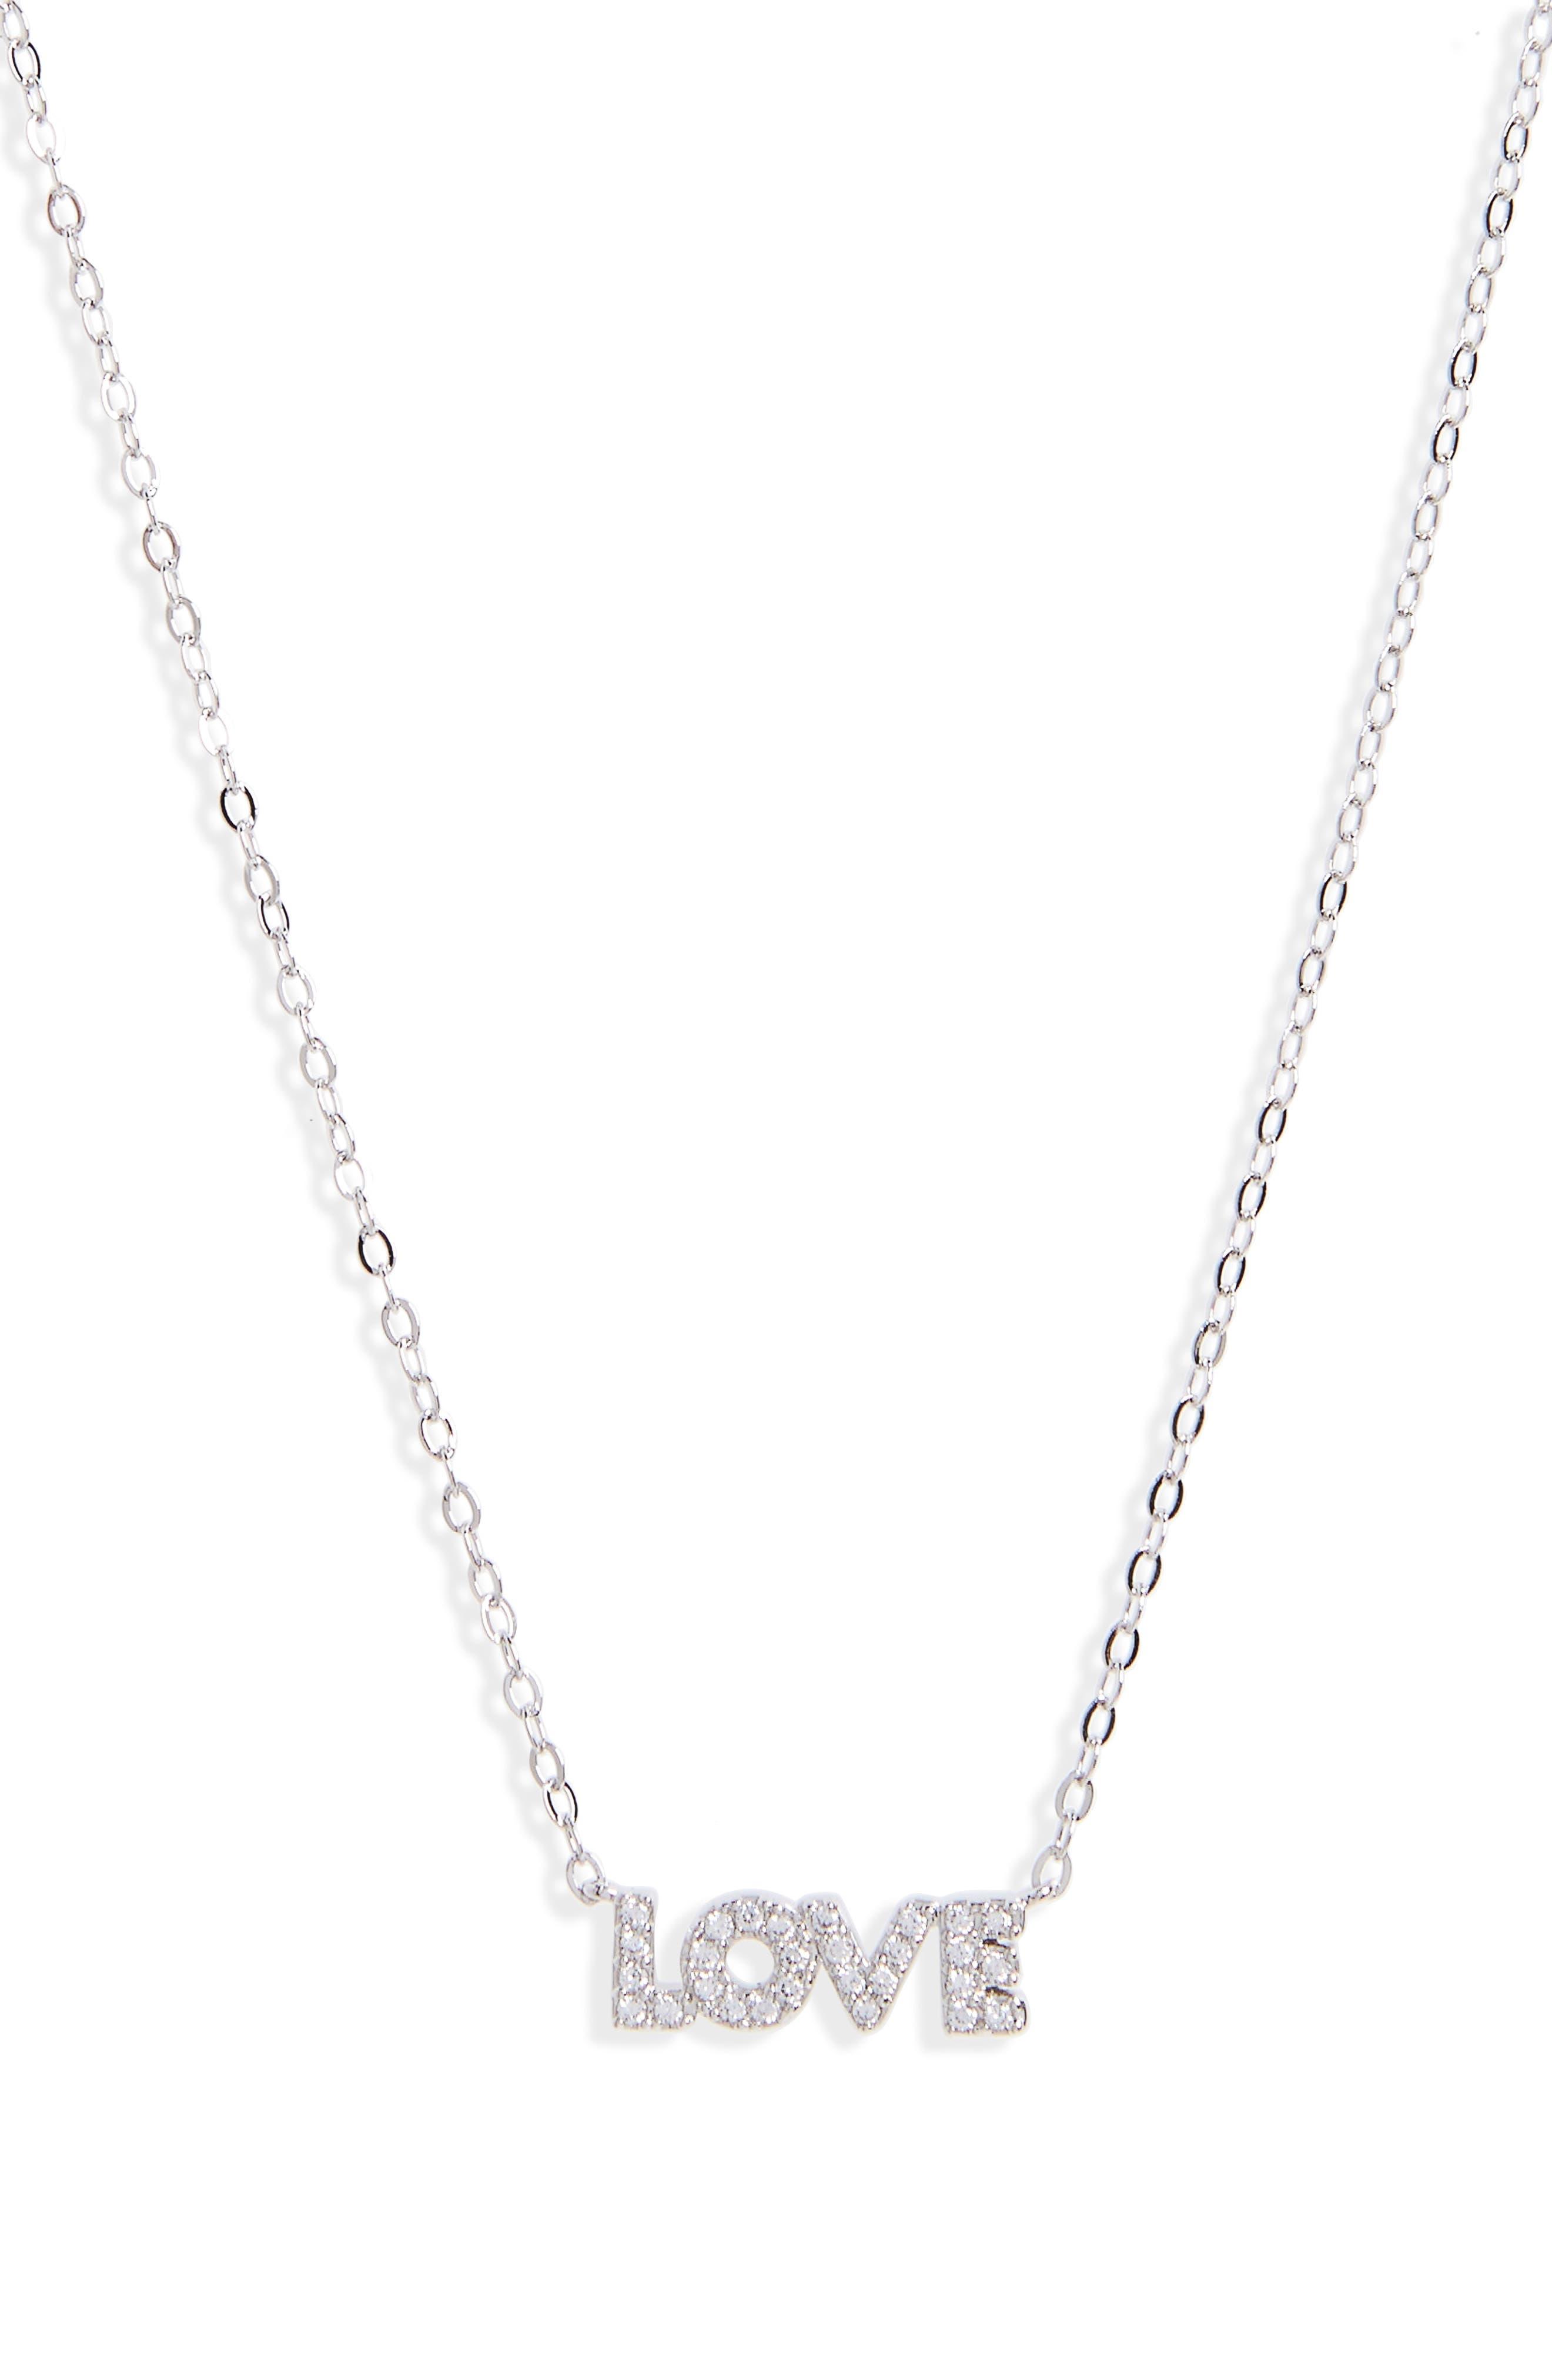 Sentimental Love Pendant Necklace,                         Main,                         color,